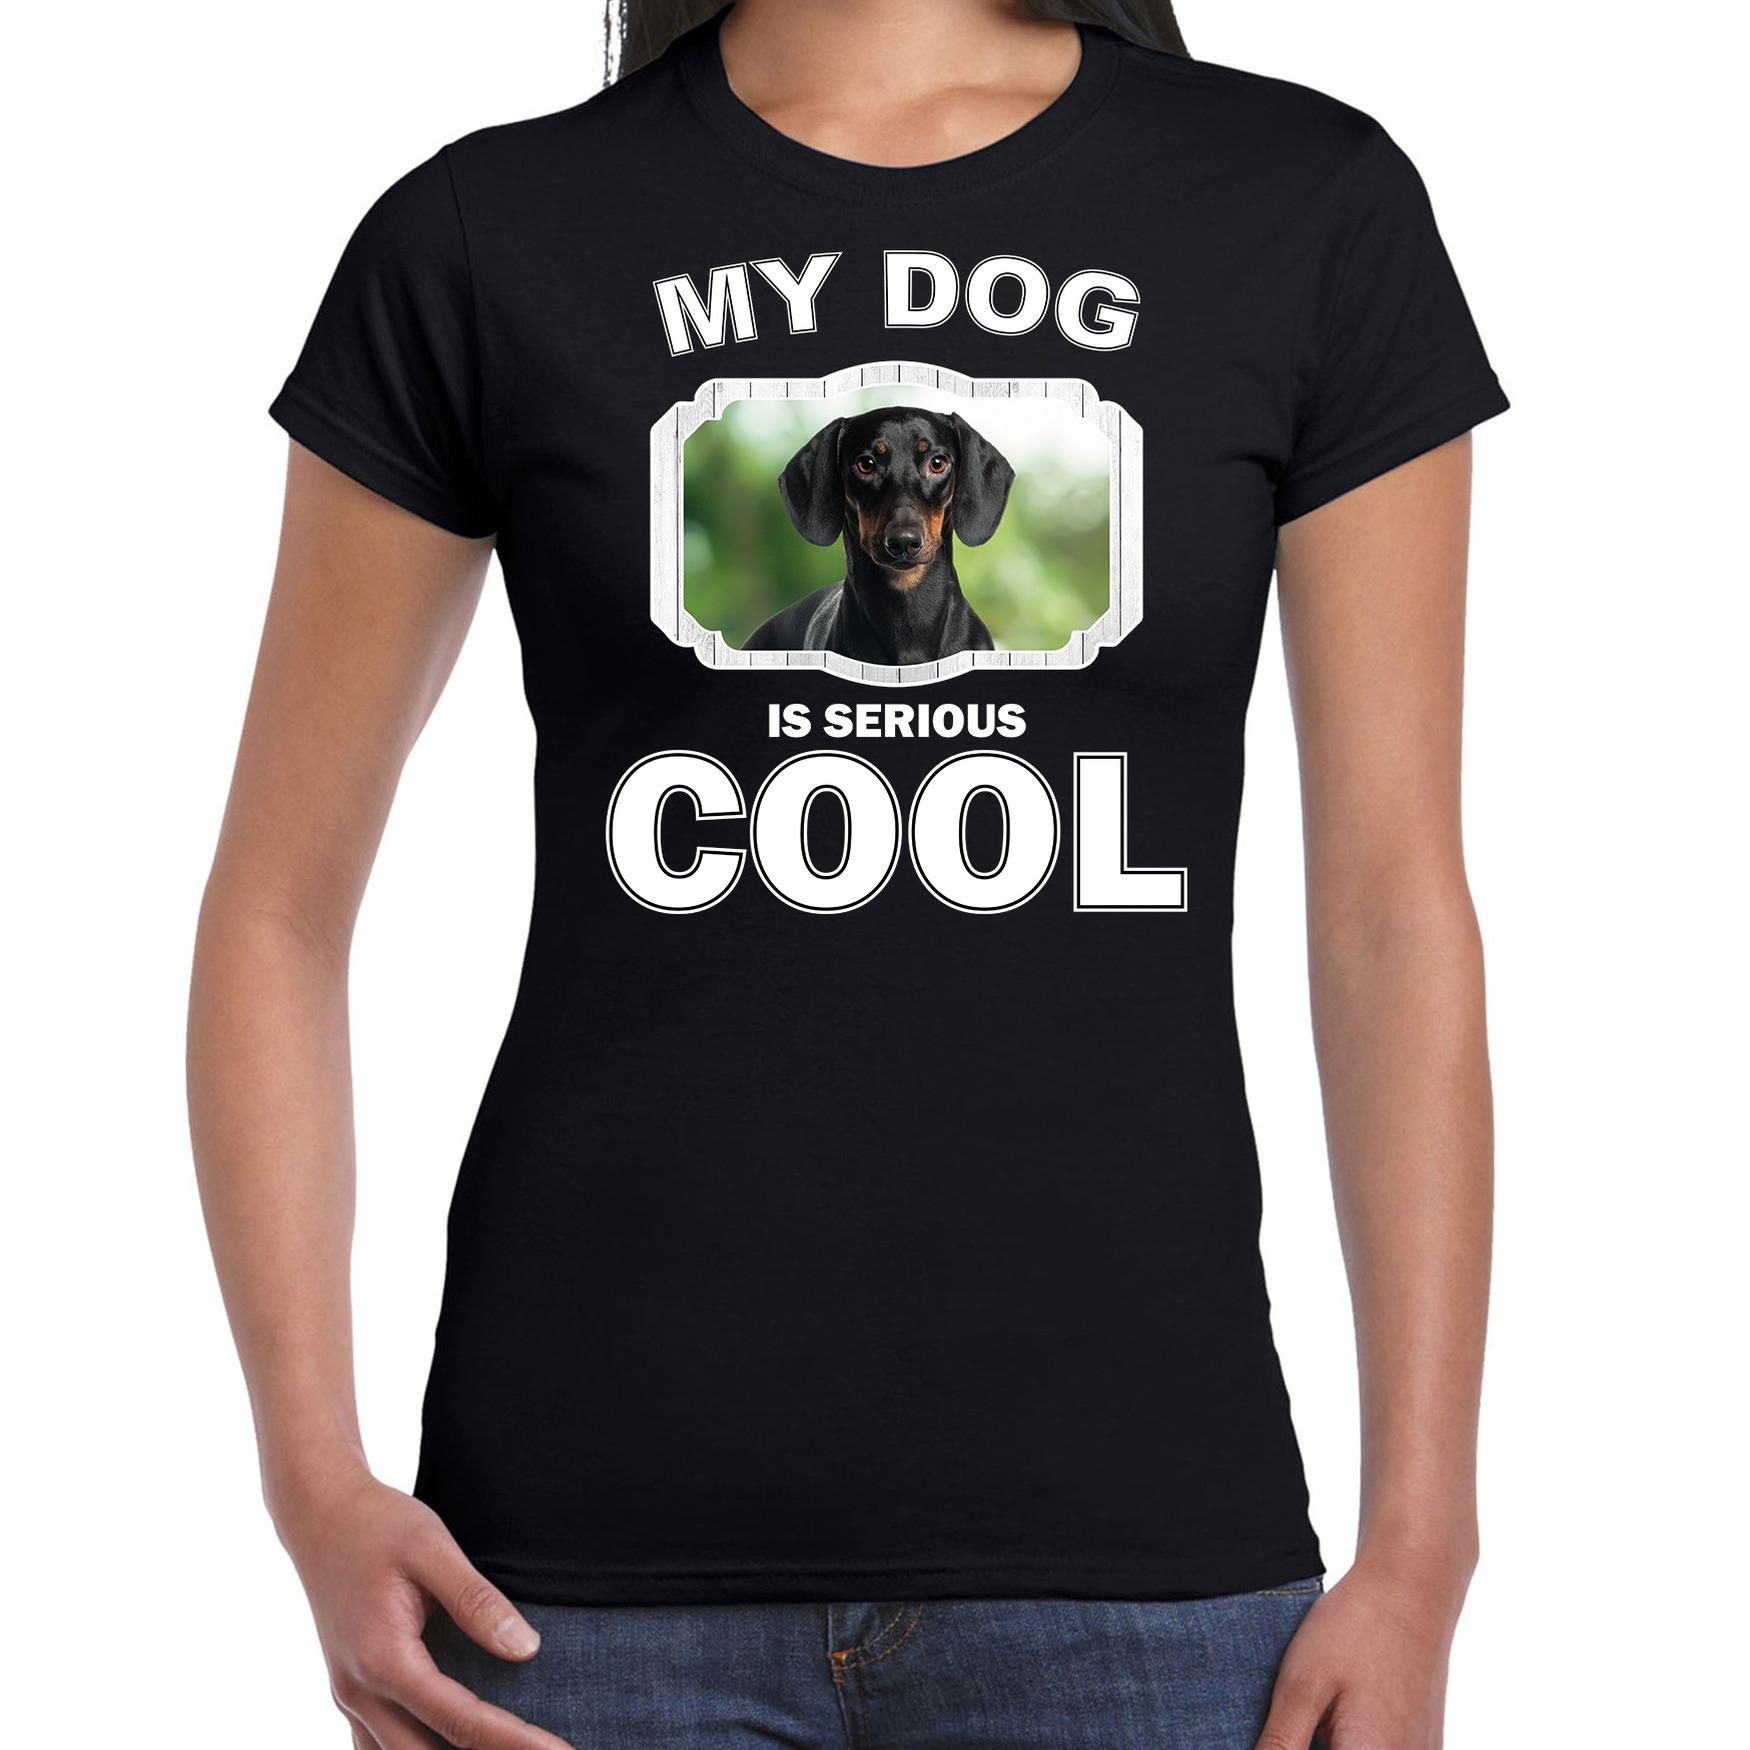 Honden liefhebber shirt teckels my dog is serious cool zwart voor dames